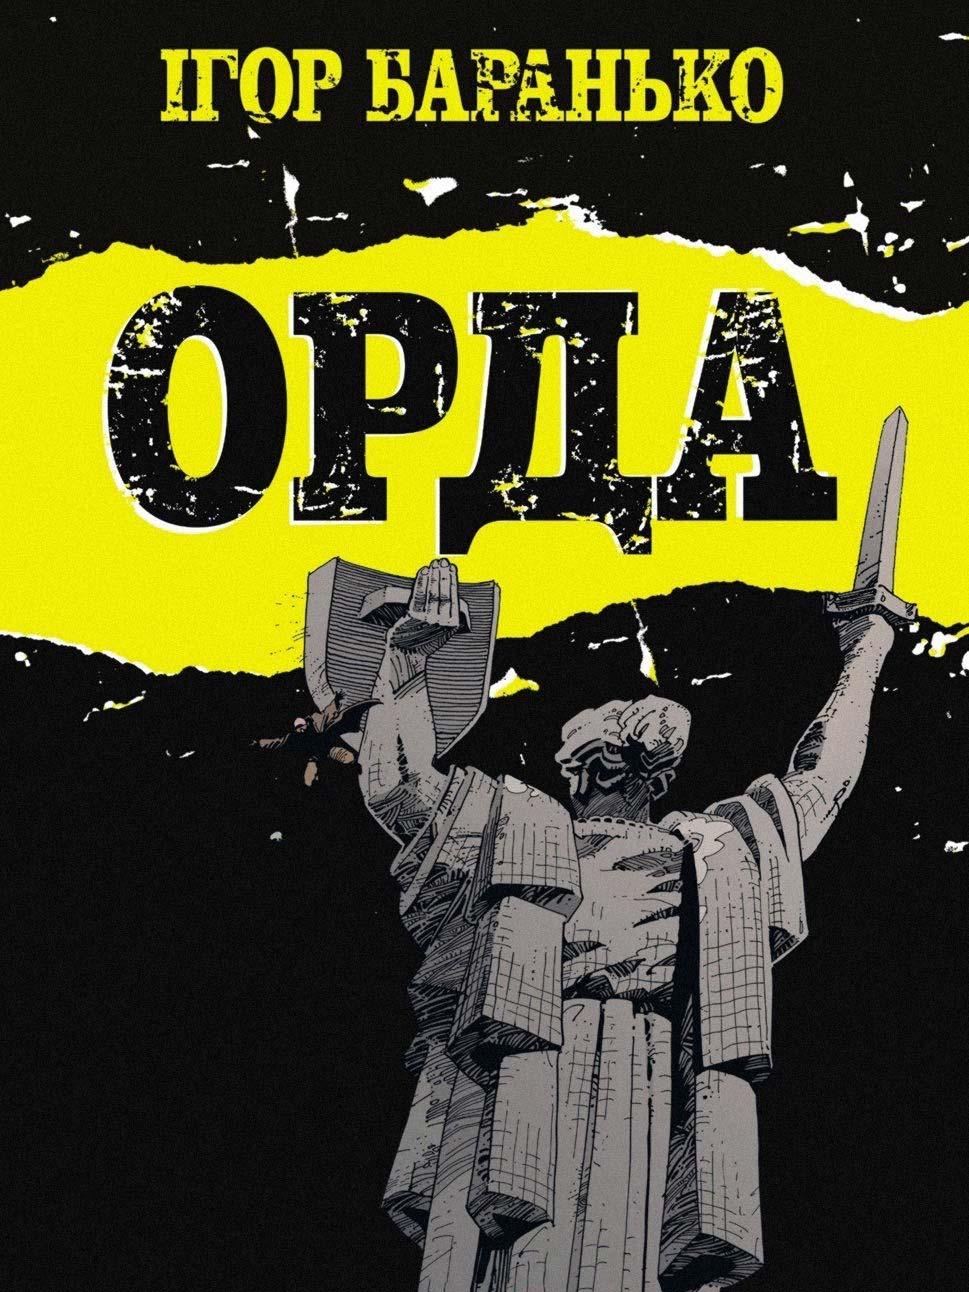 02 orda - <b>GON, «Орда», Скотт Пілігрим і як зрозуміти комікси</b> — огляд коміксів від Бориса Філоненка - Заборона